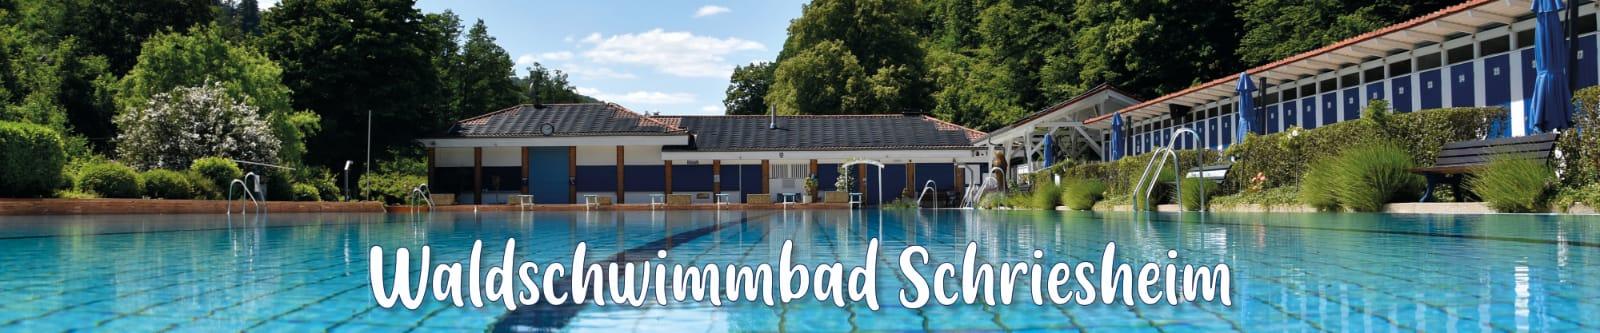 Waldschwimmbad Schriesheim